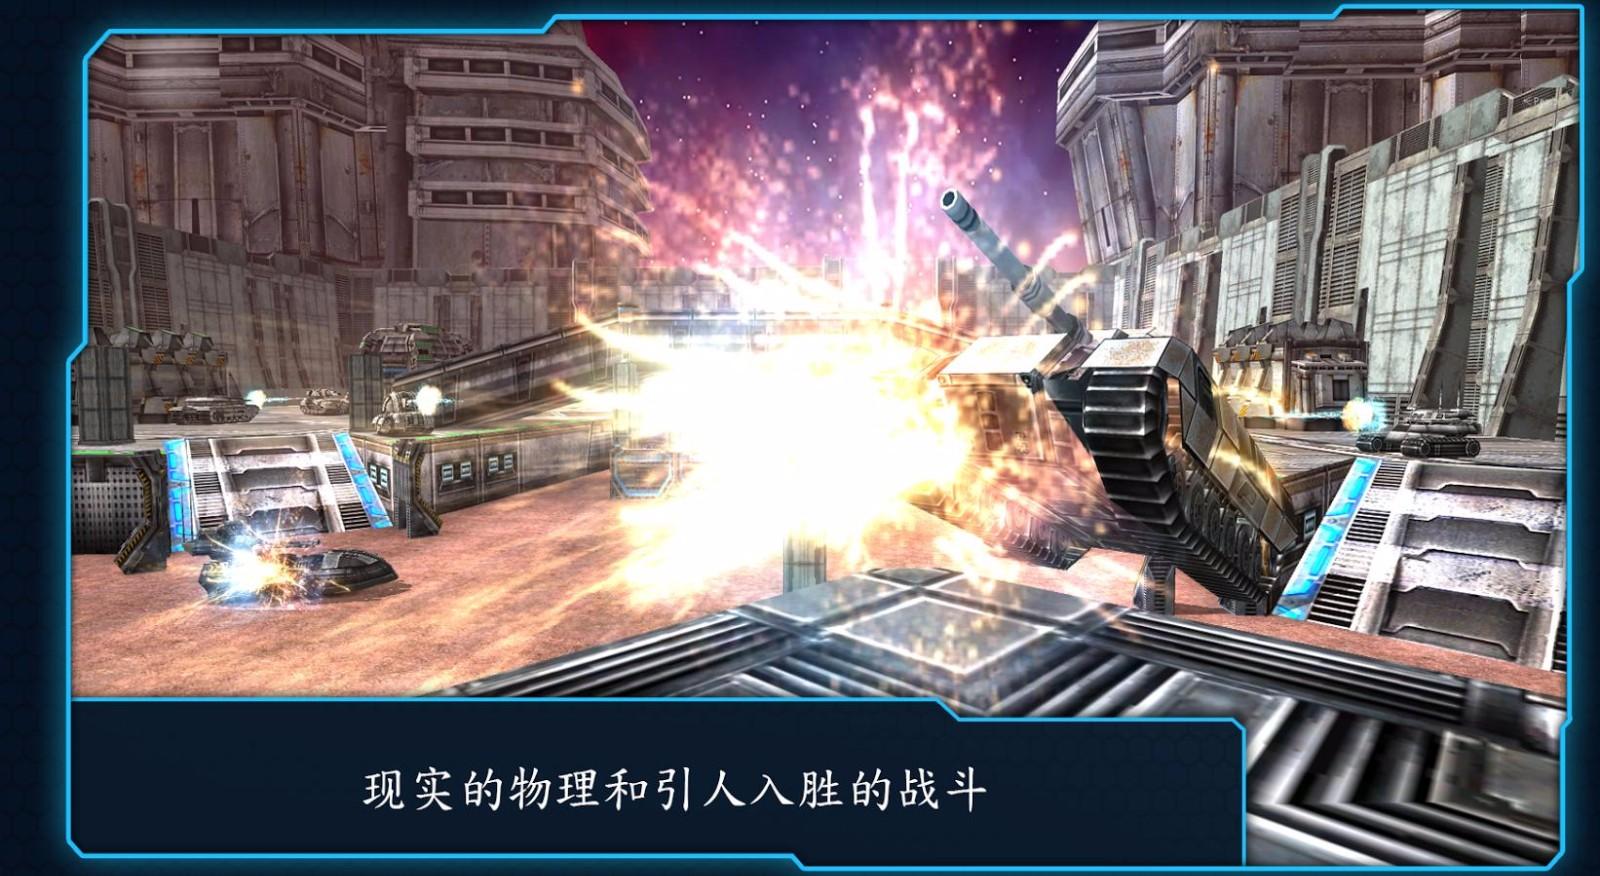 铁骑坦克(2)